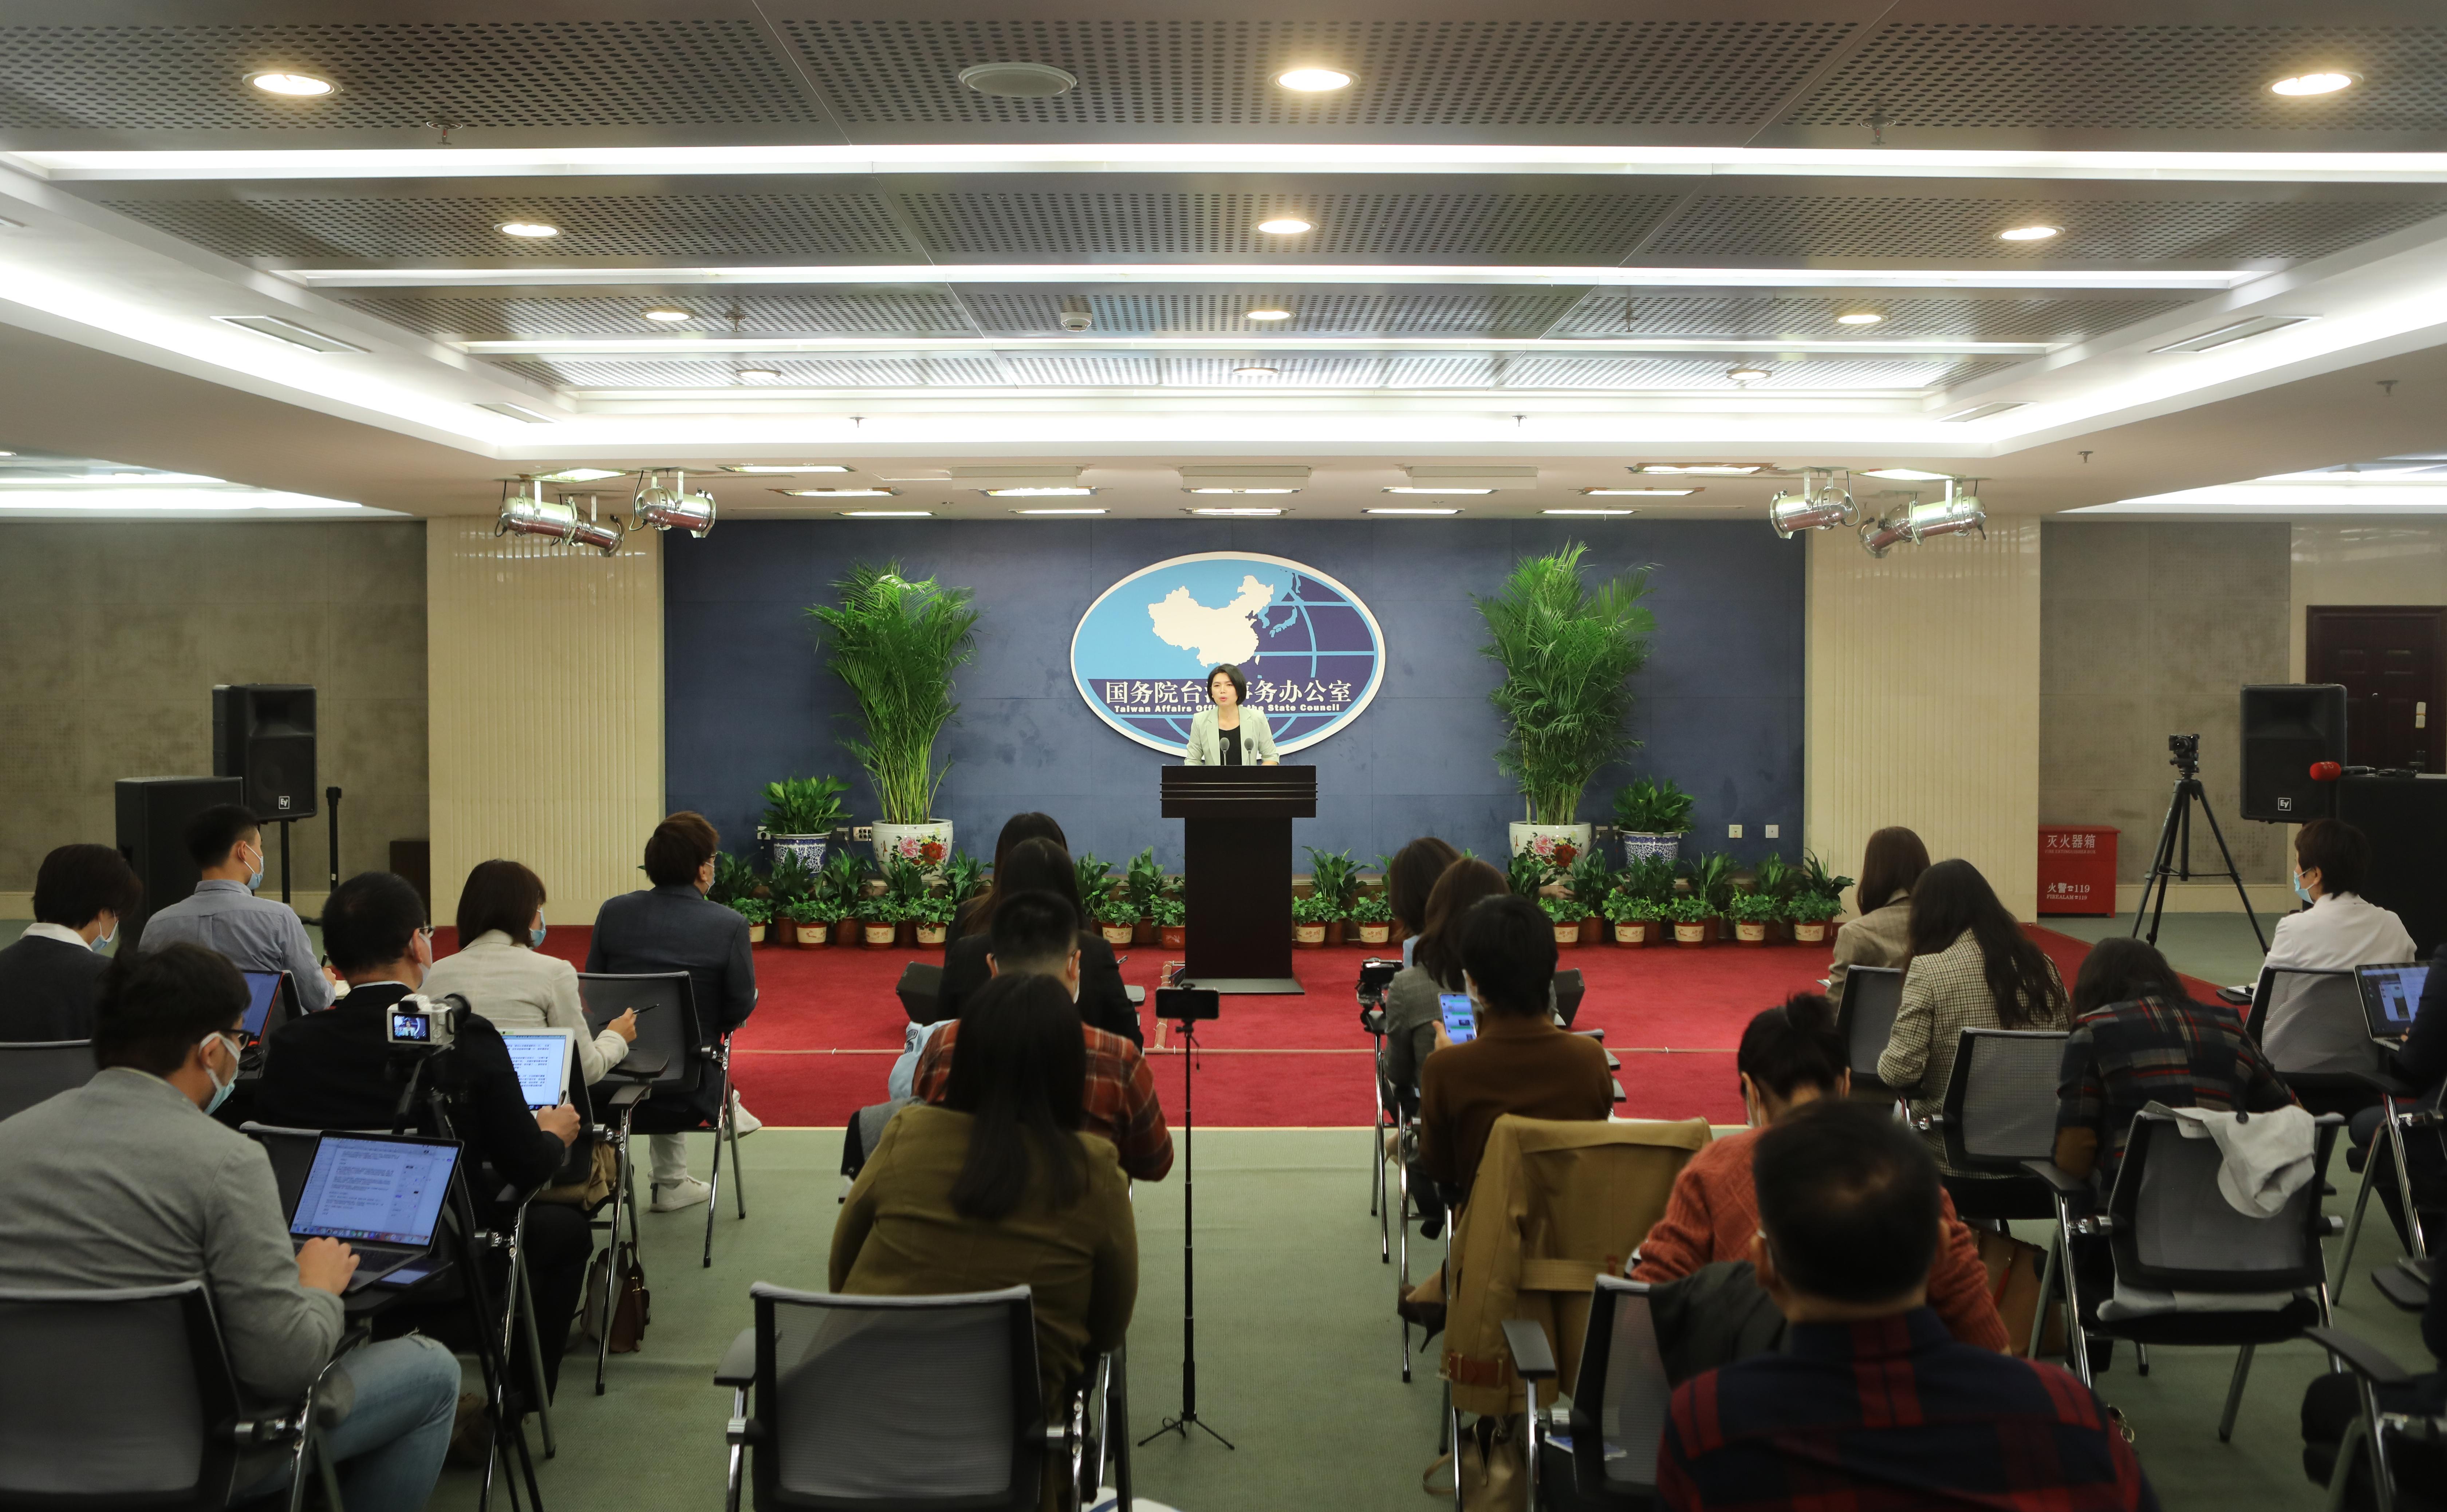 美国政府批准向台湾出售23.7亿美元武器 国台办回应图片